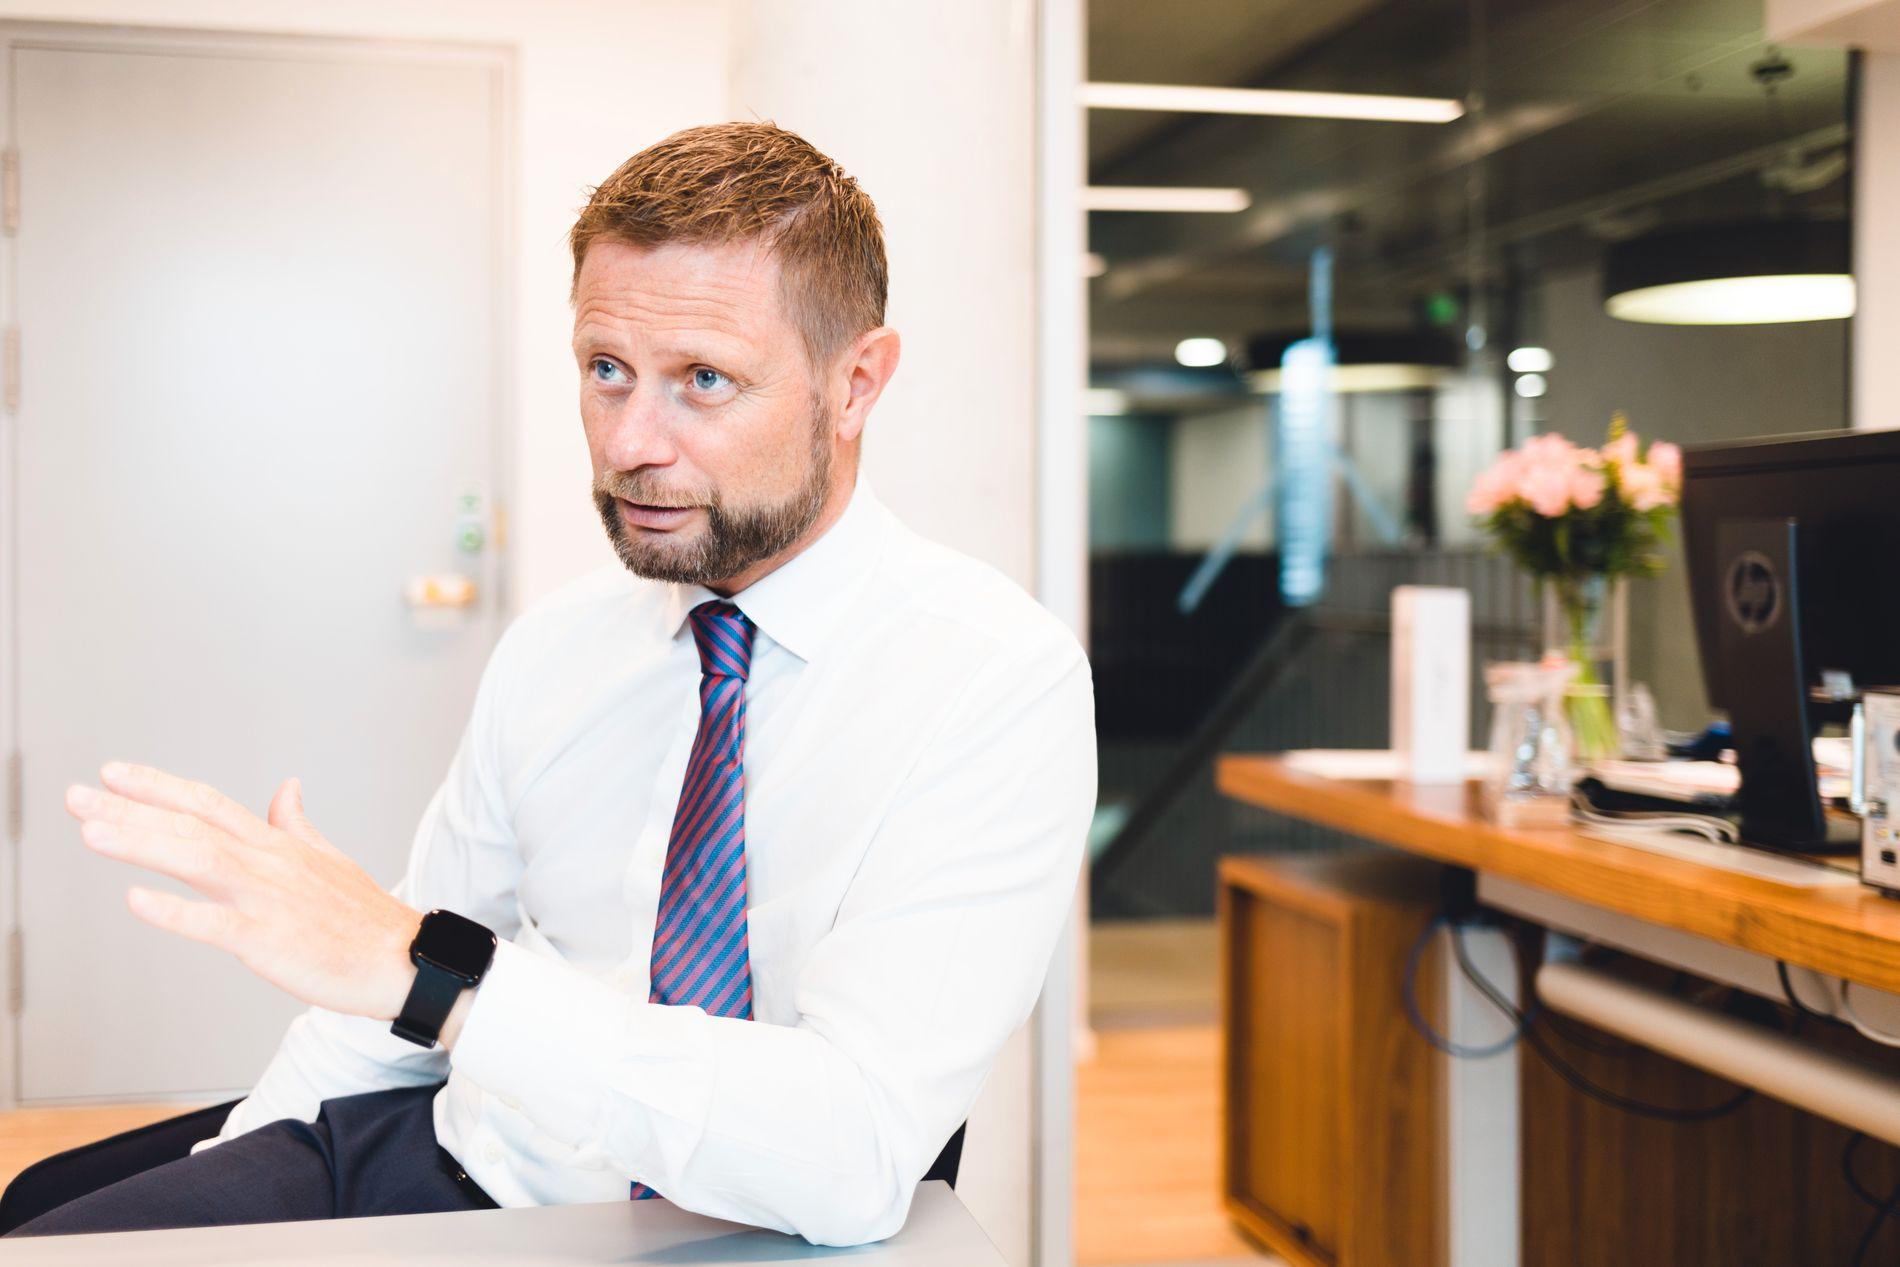 HELSEMINISTER: Bent Høie (H) ber sykehusene rydde opp etter VG-avsløring.